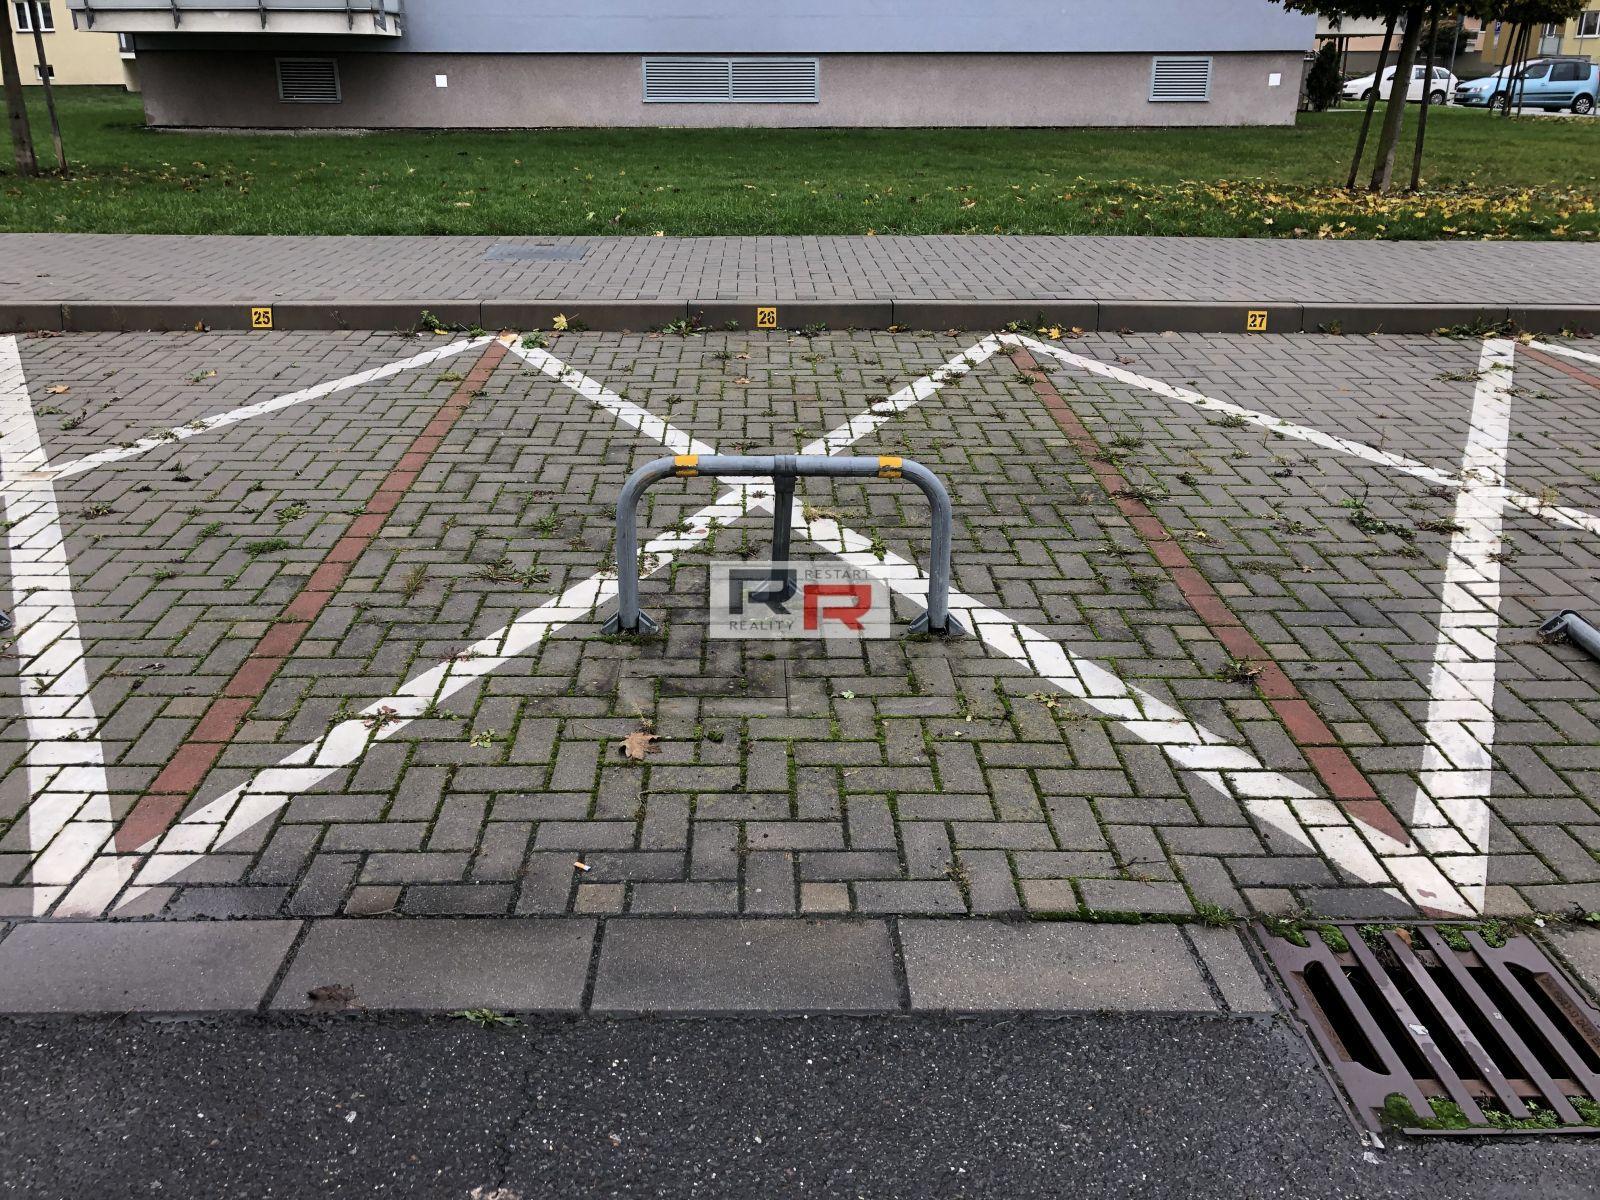 Pronájem parkovacího stání v Olomouci - ul. Peškova